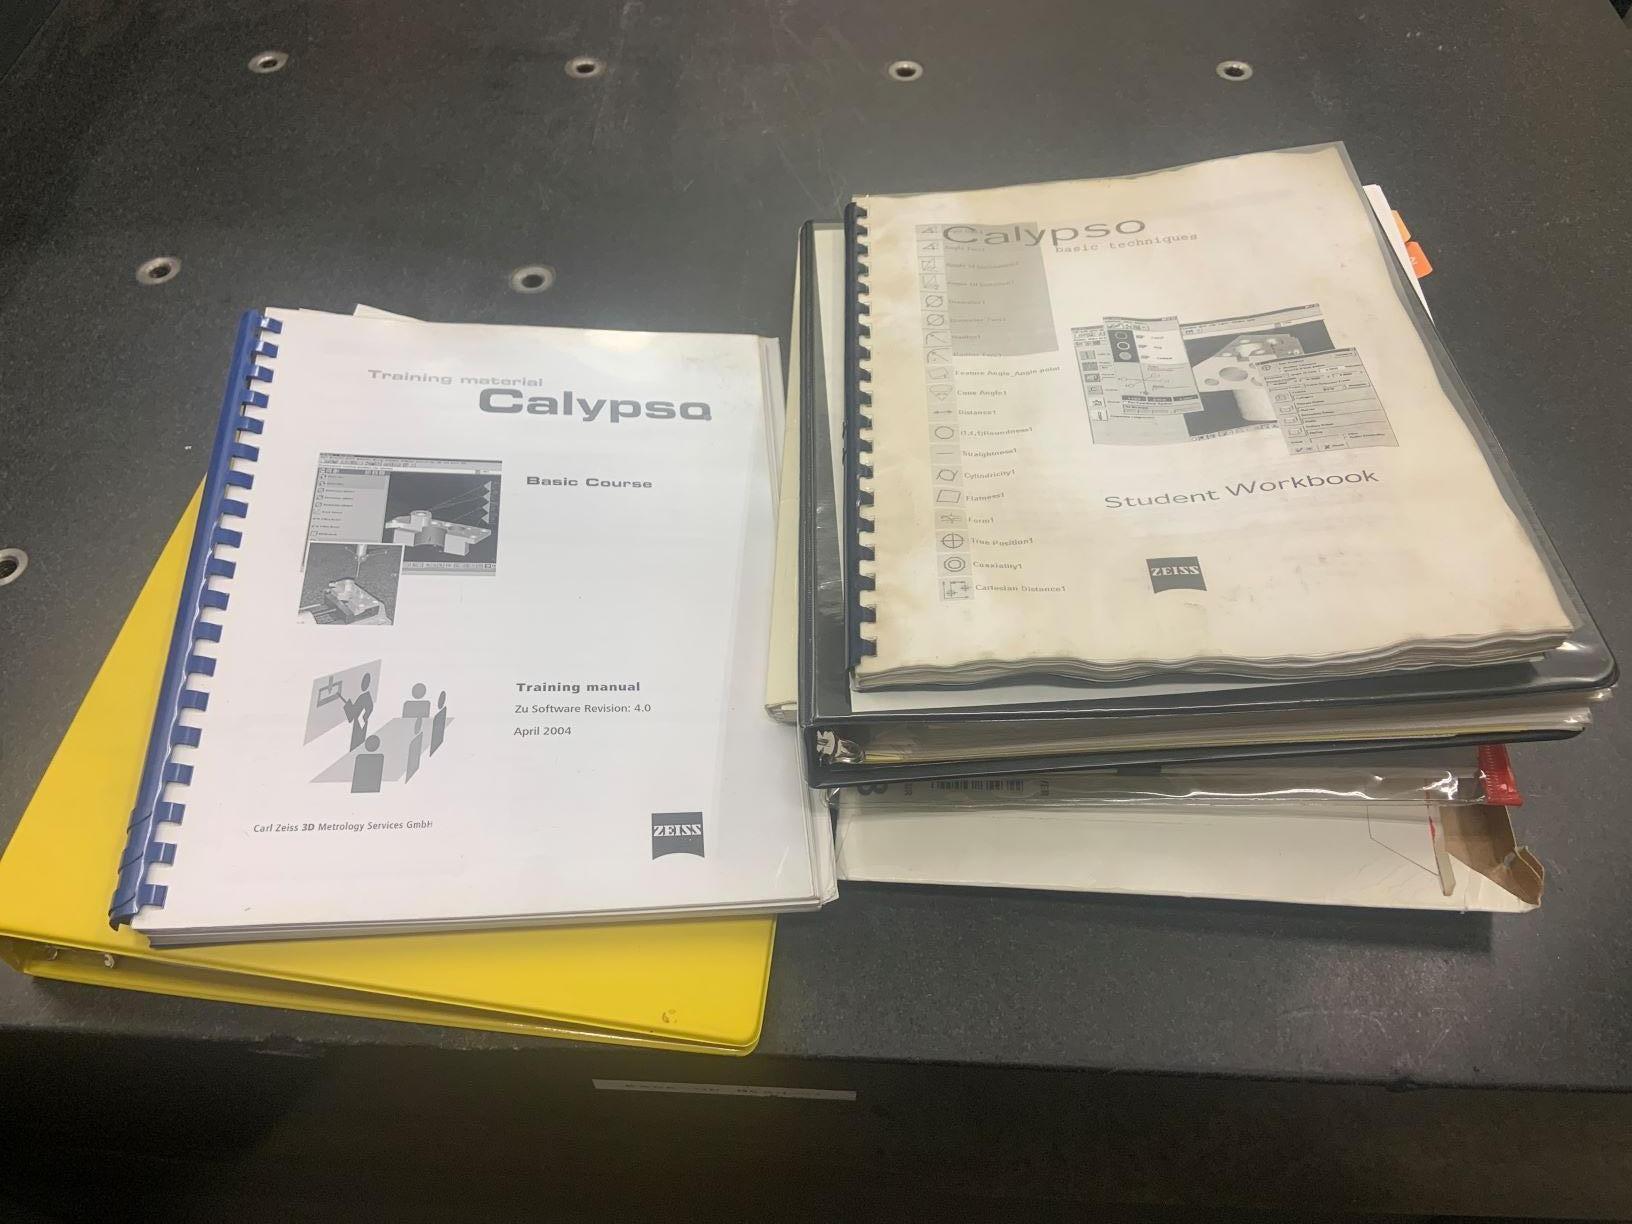 ZEISSZeiss Contura 7/10/6, Coordinate Measuring Machine (CMM), Vast XT Probe Head, C99 Controller, Calypso software